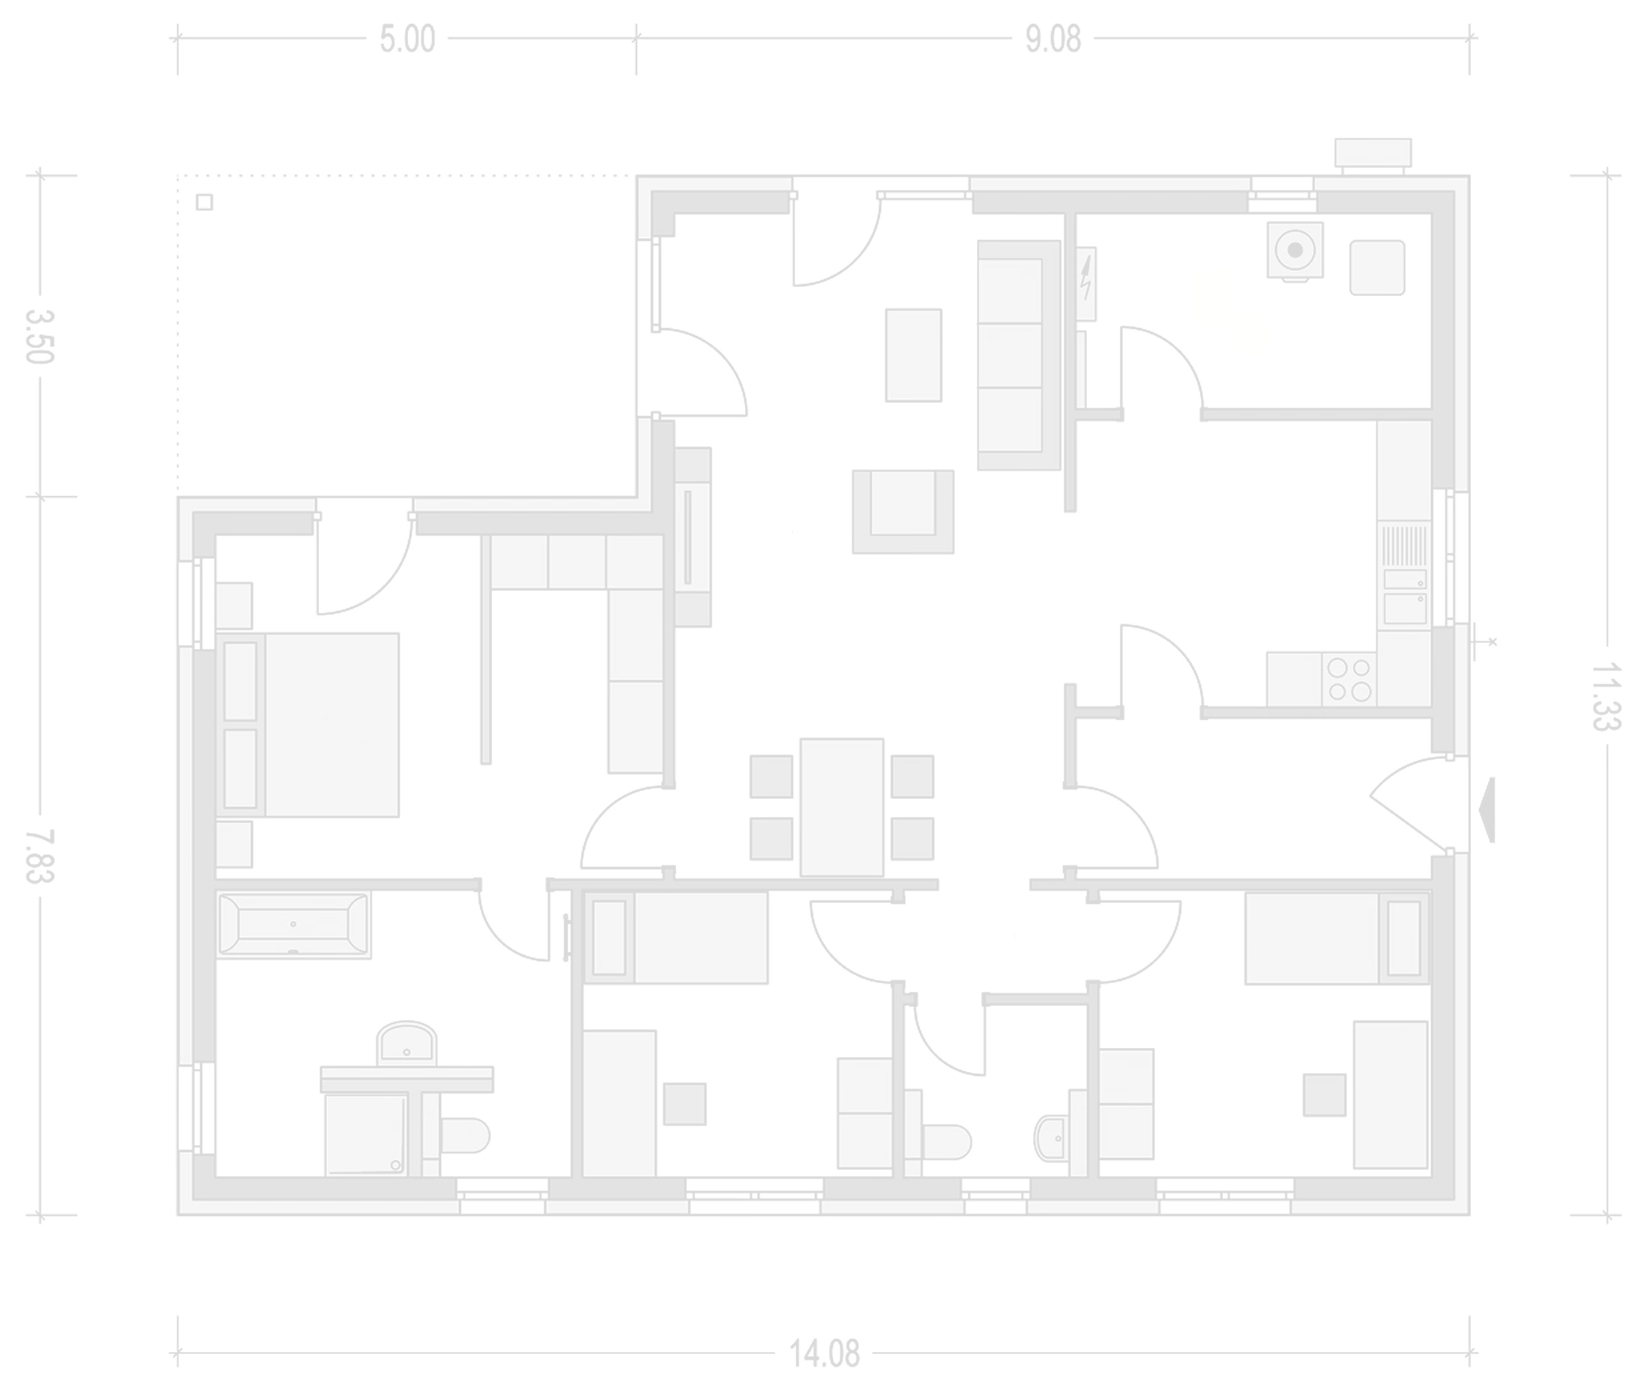 Planimetria della costruzione Casa in Legno modello Casa Walter di Vibrobloc S.p.A.